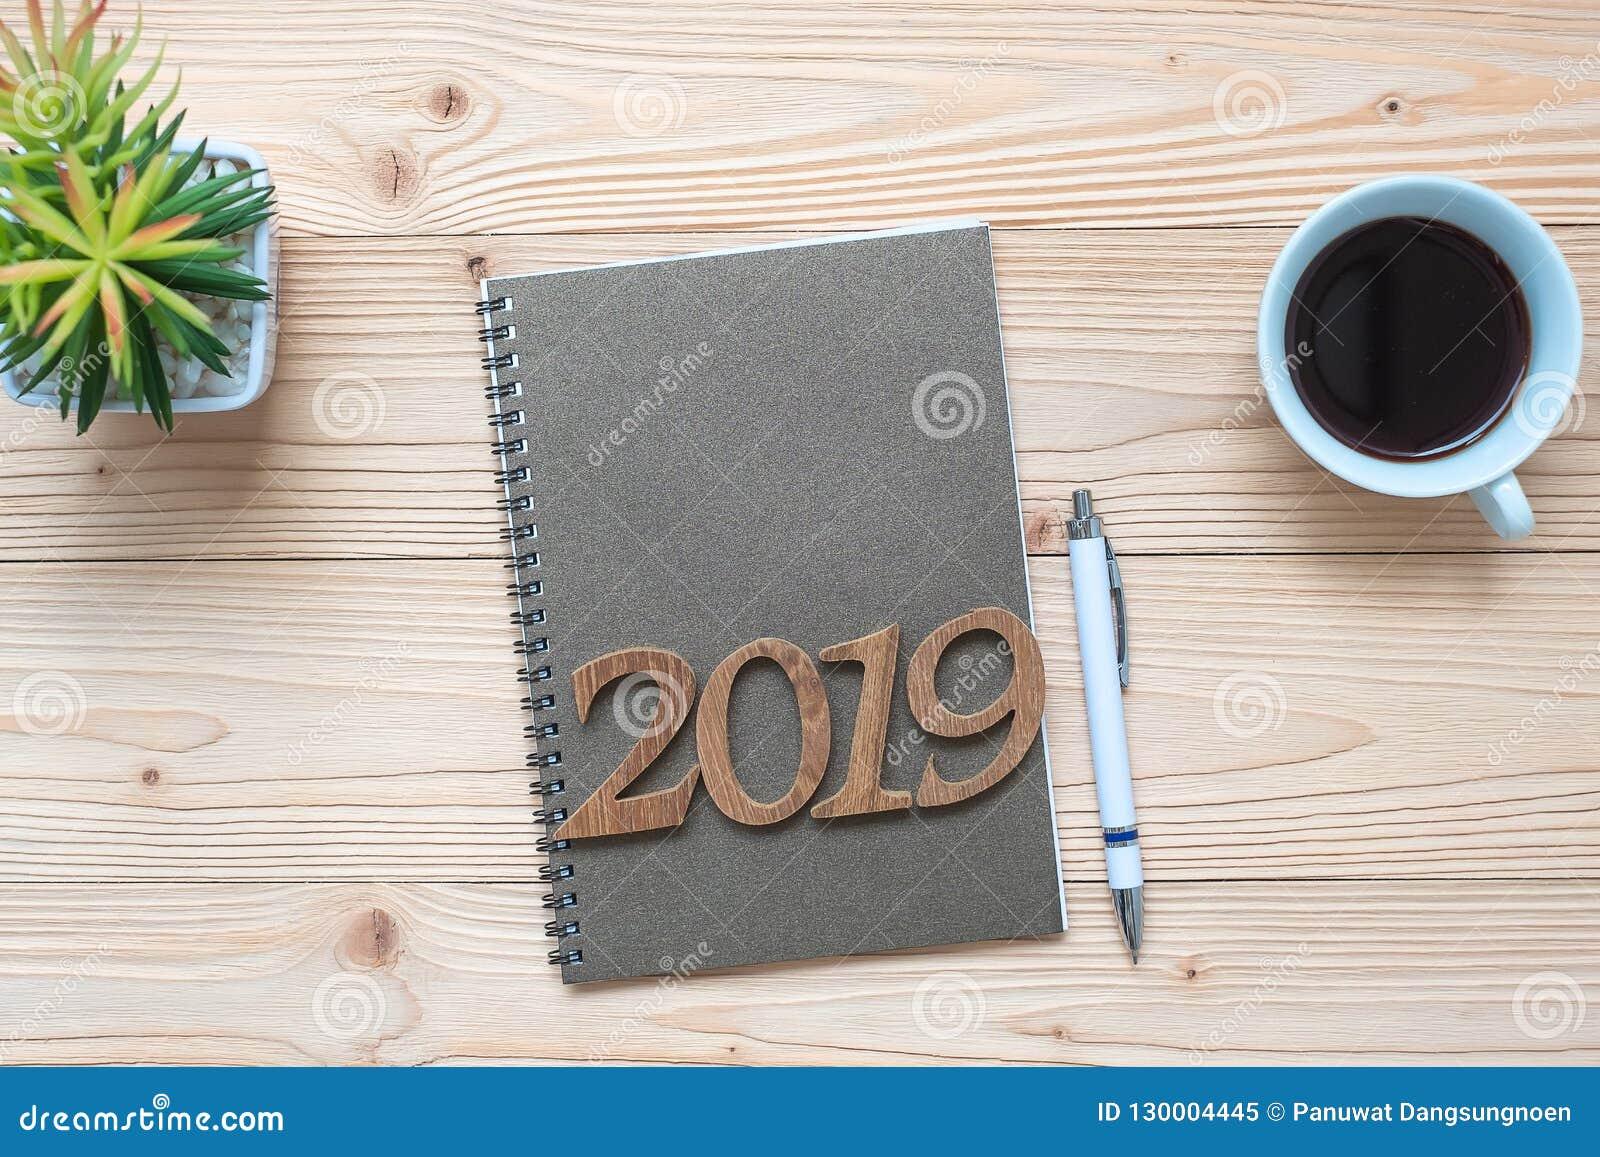 2019 С Новым Годом! с тетрадью, черной кофейной чашкой, ручкой и стеклами на деревянном столе, космосе взгляда сверху и экземпляр